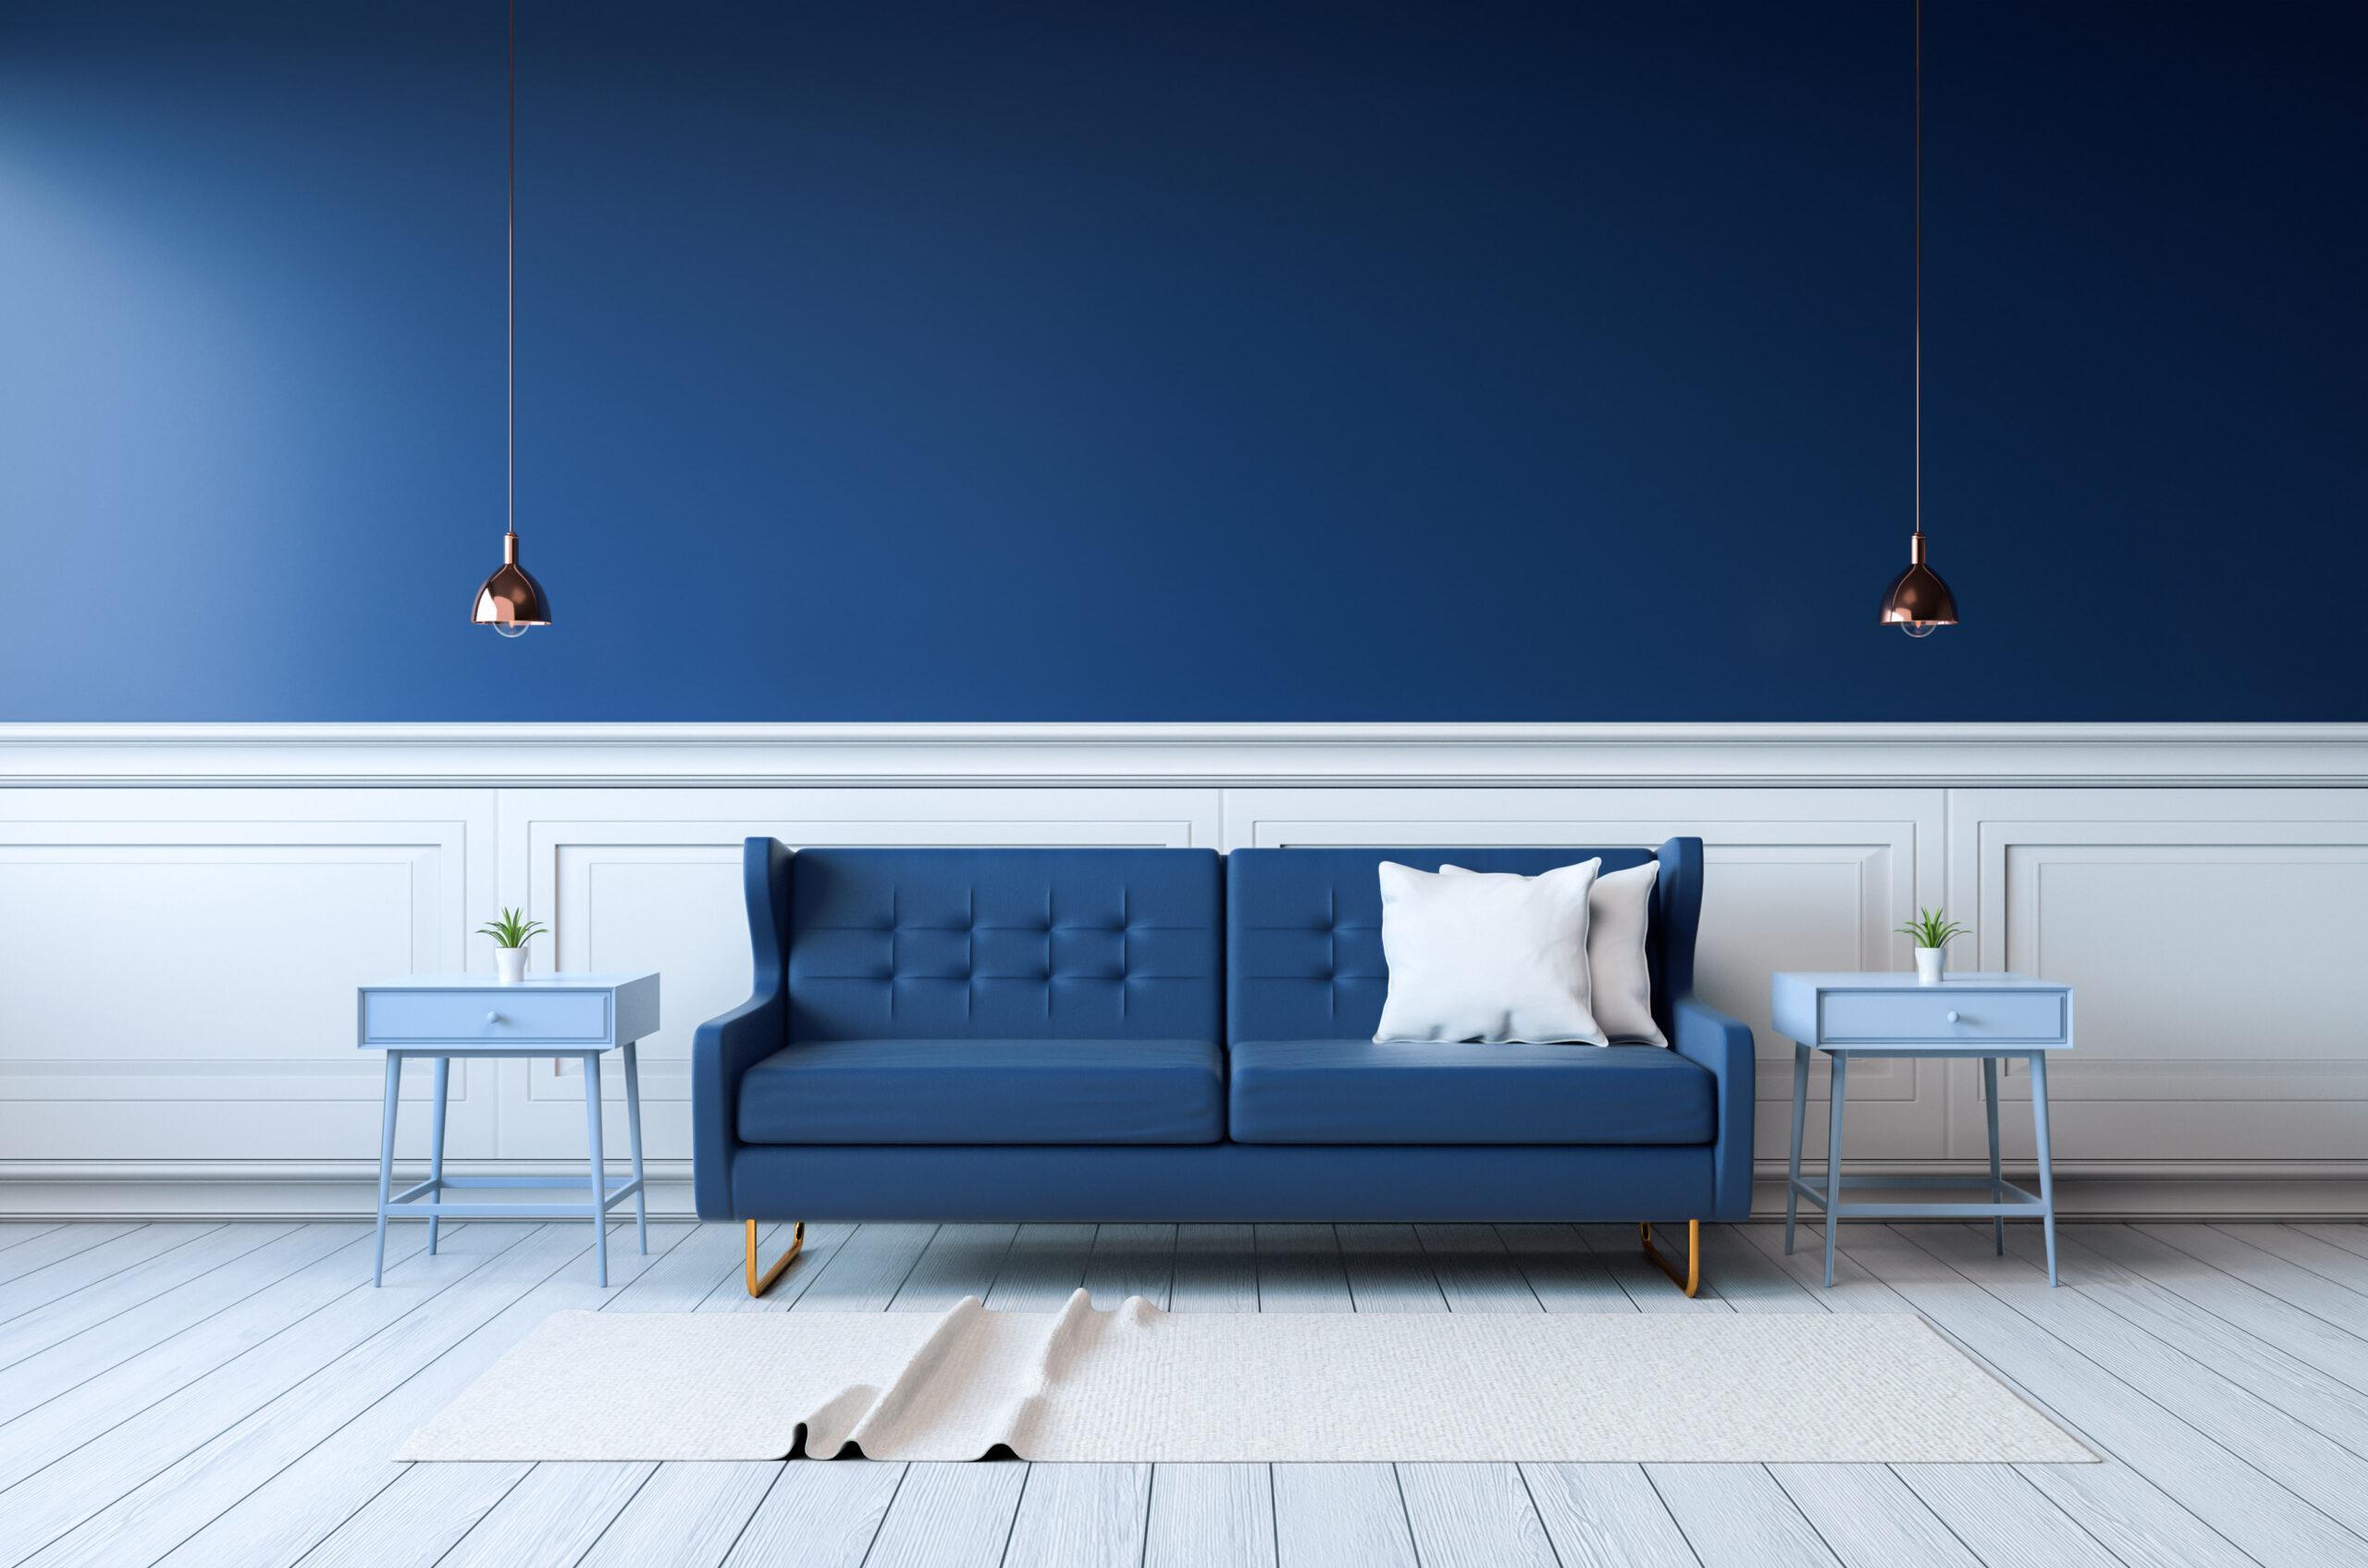 i colori nell'interior design blu